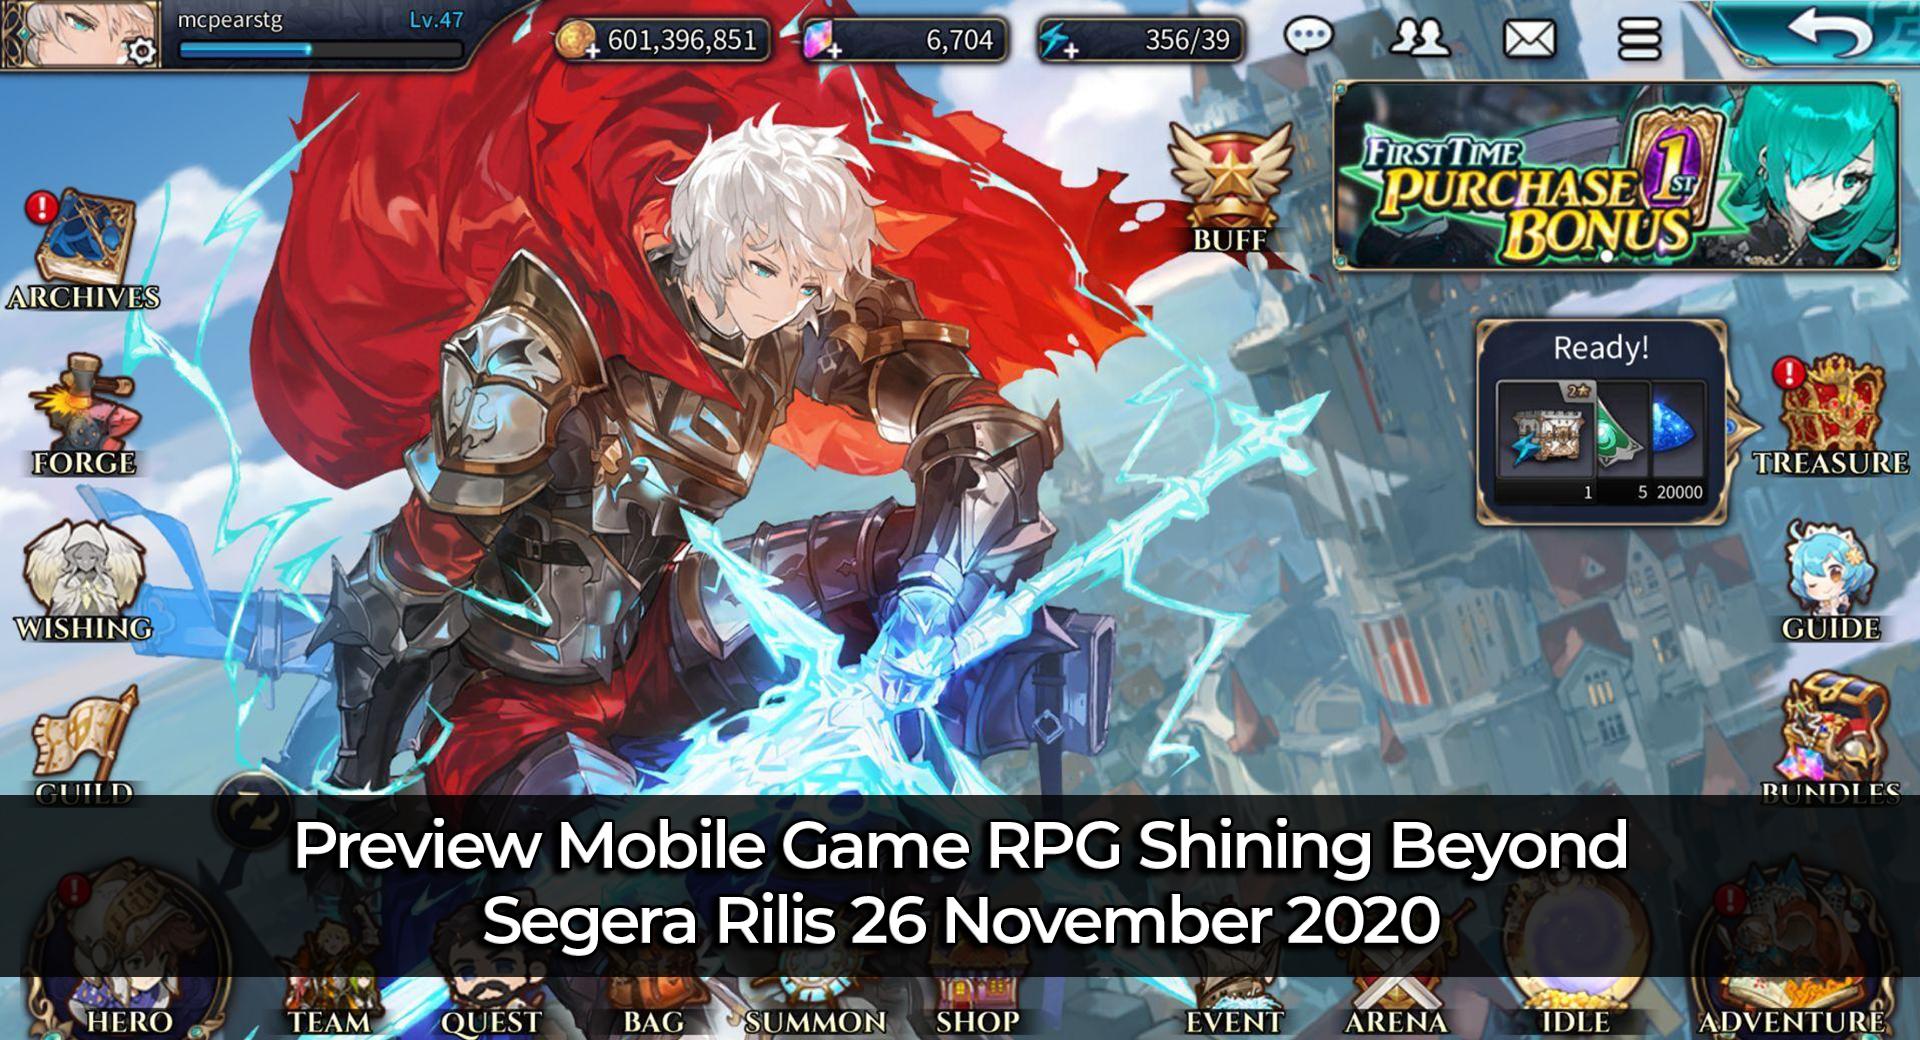 Preview Mobile Game RPG Shining Beyond, Segera Rilis 26 November 2020